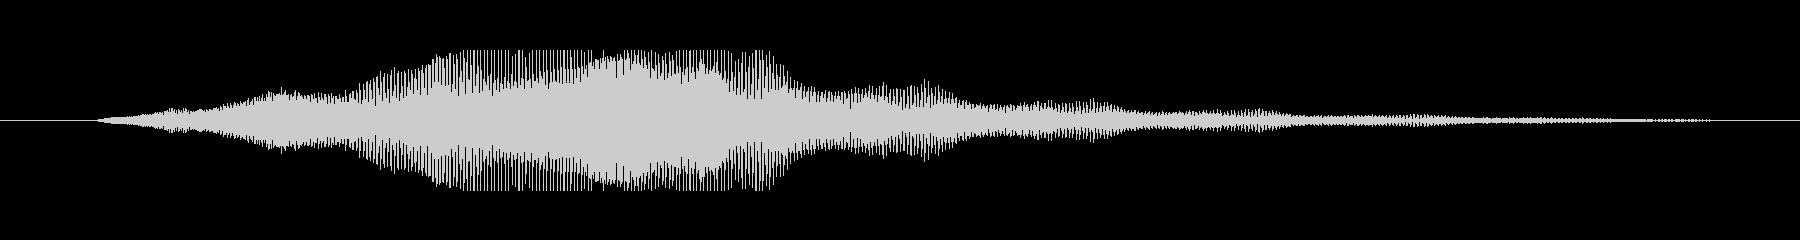 タイトルロゴ表示のイメージ音の未再生の波形